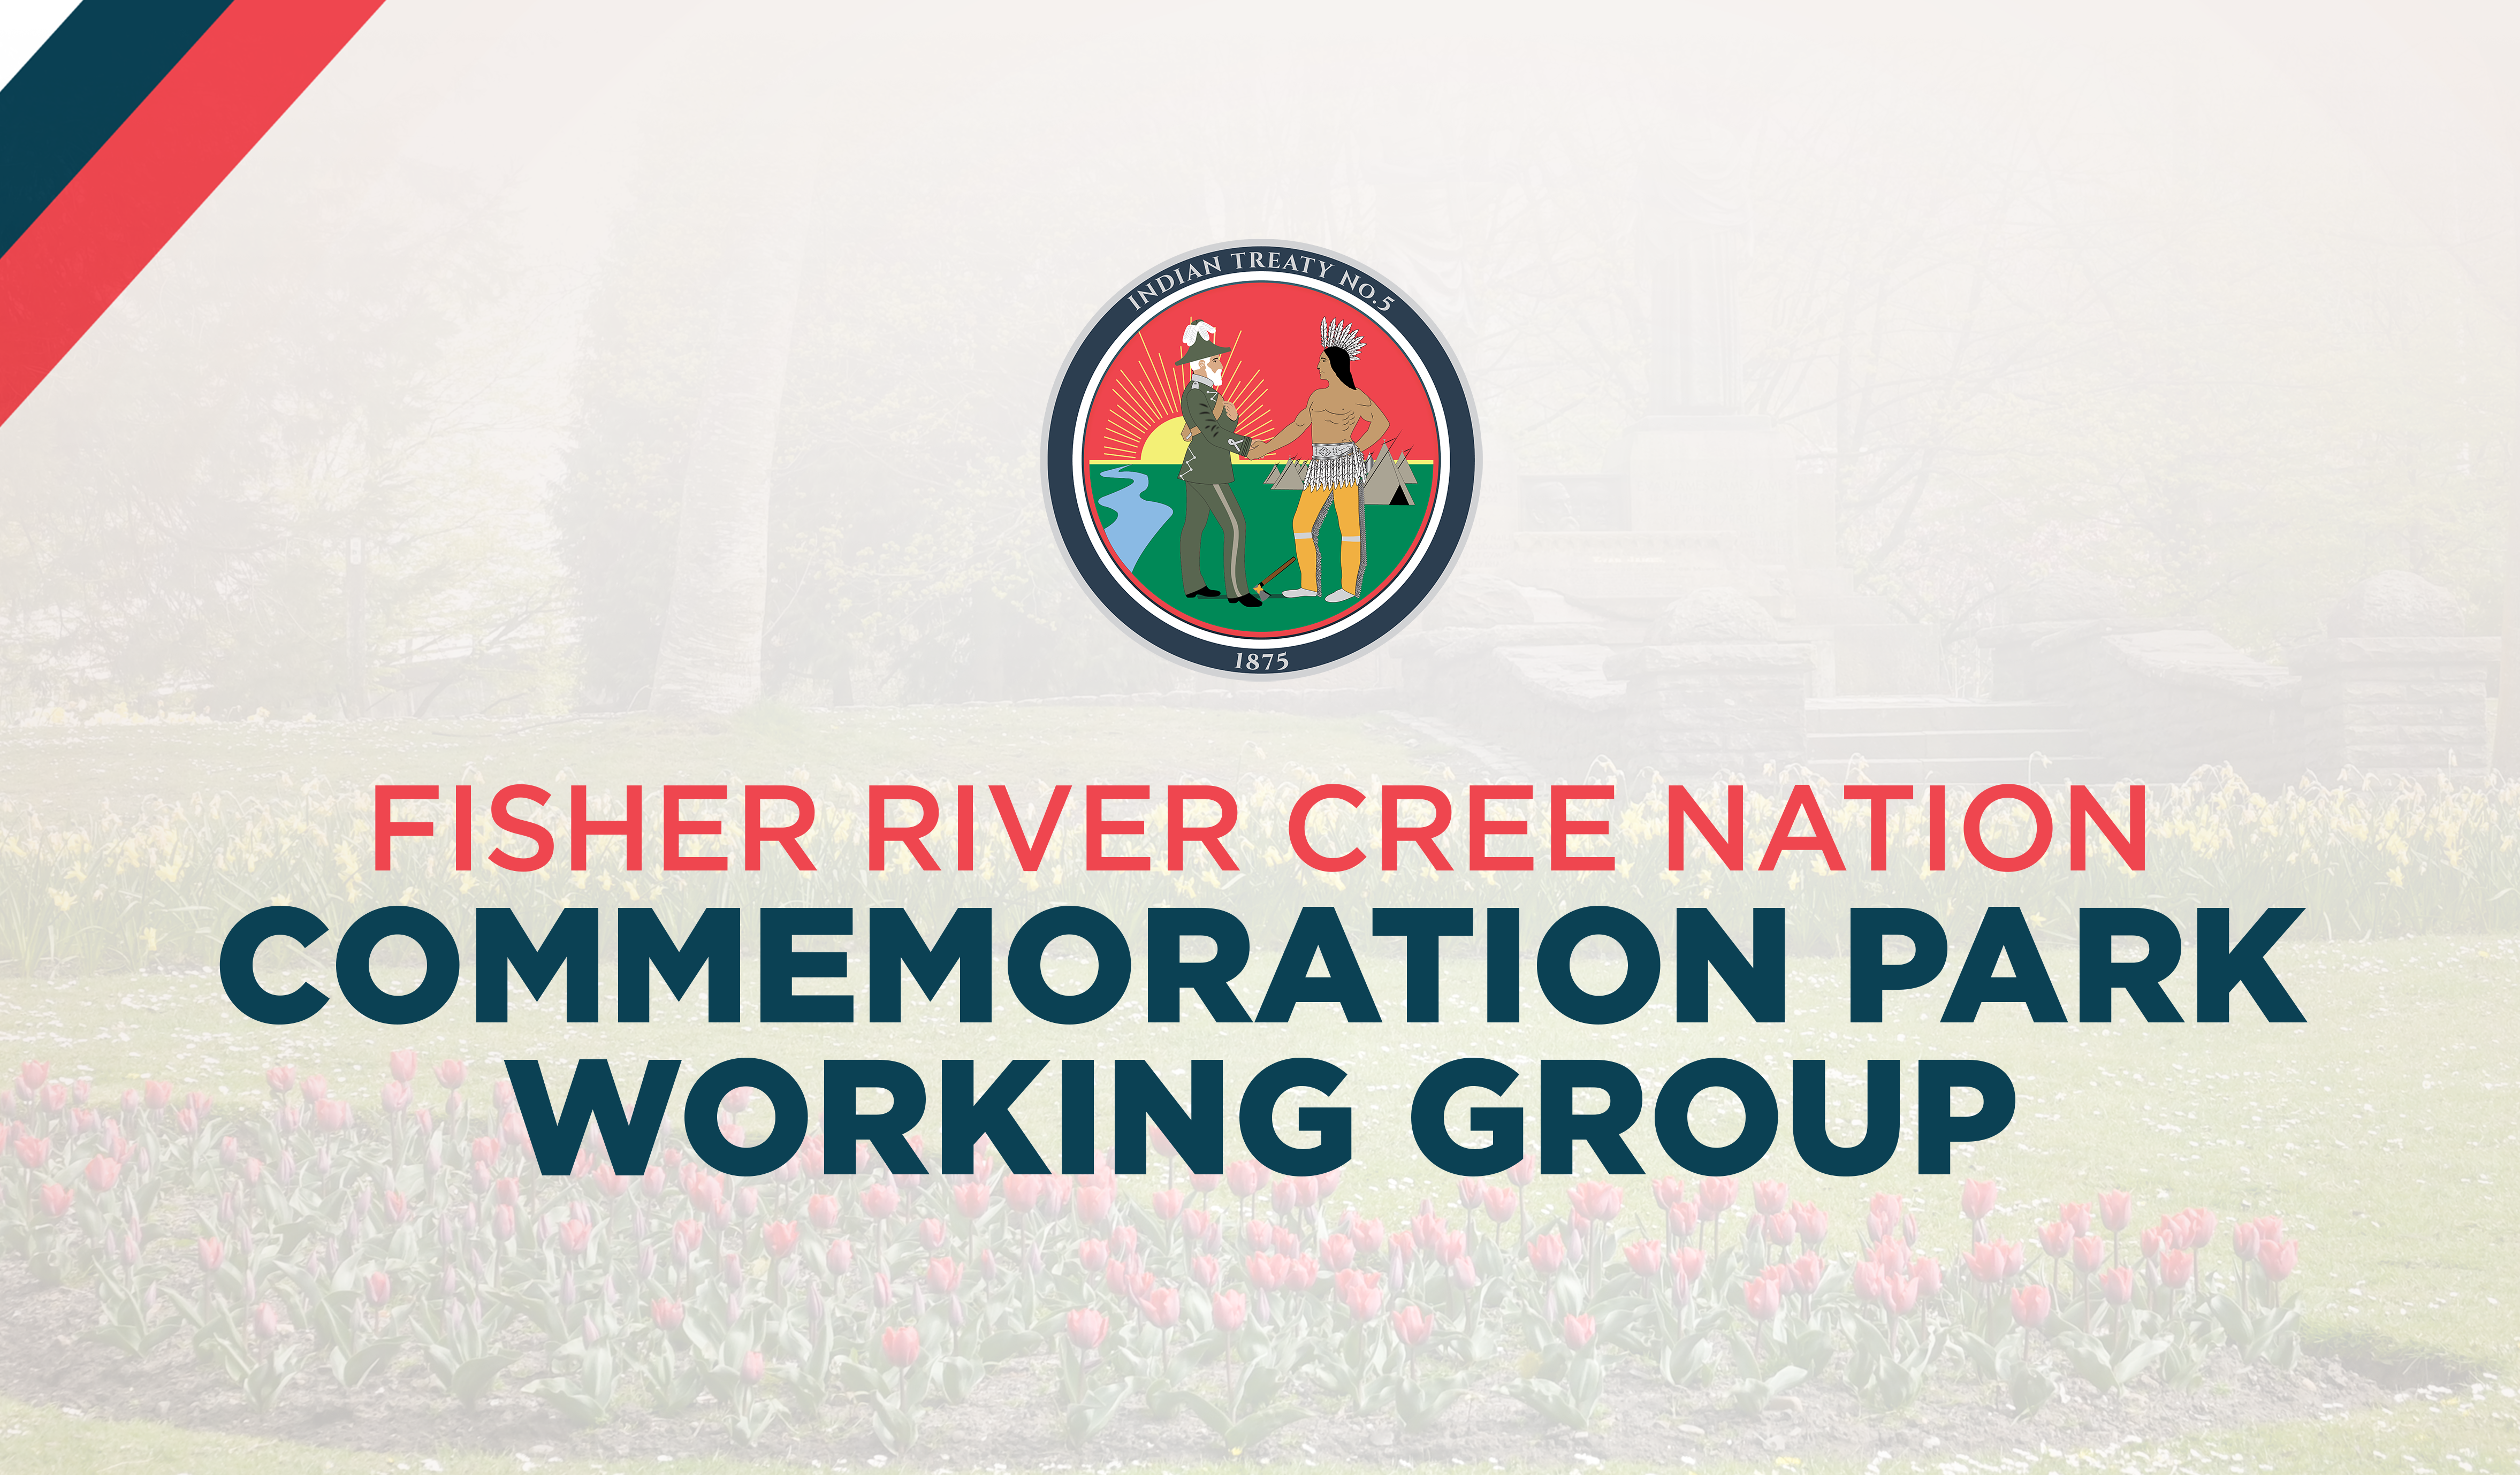 Commemoration-Park-Social